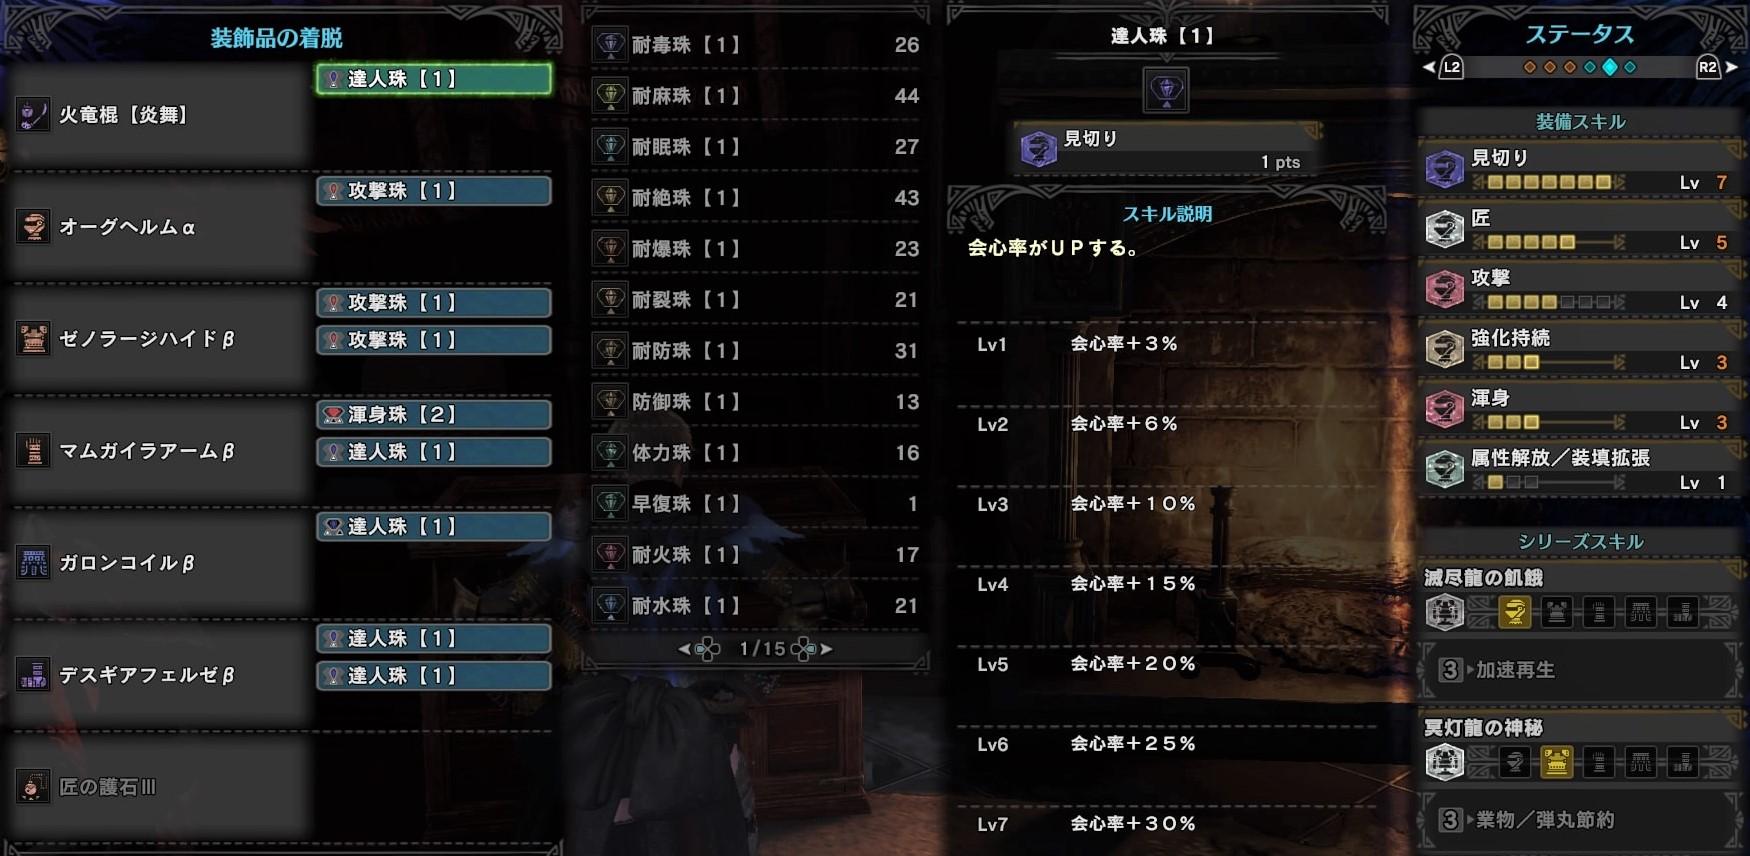 モンスターハンター:ワールド_絶対会心_操虫棍.jpg